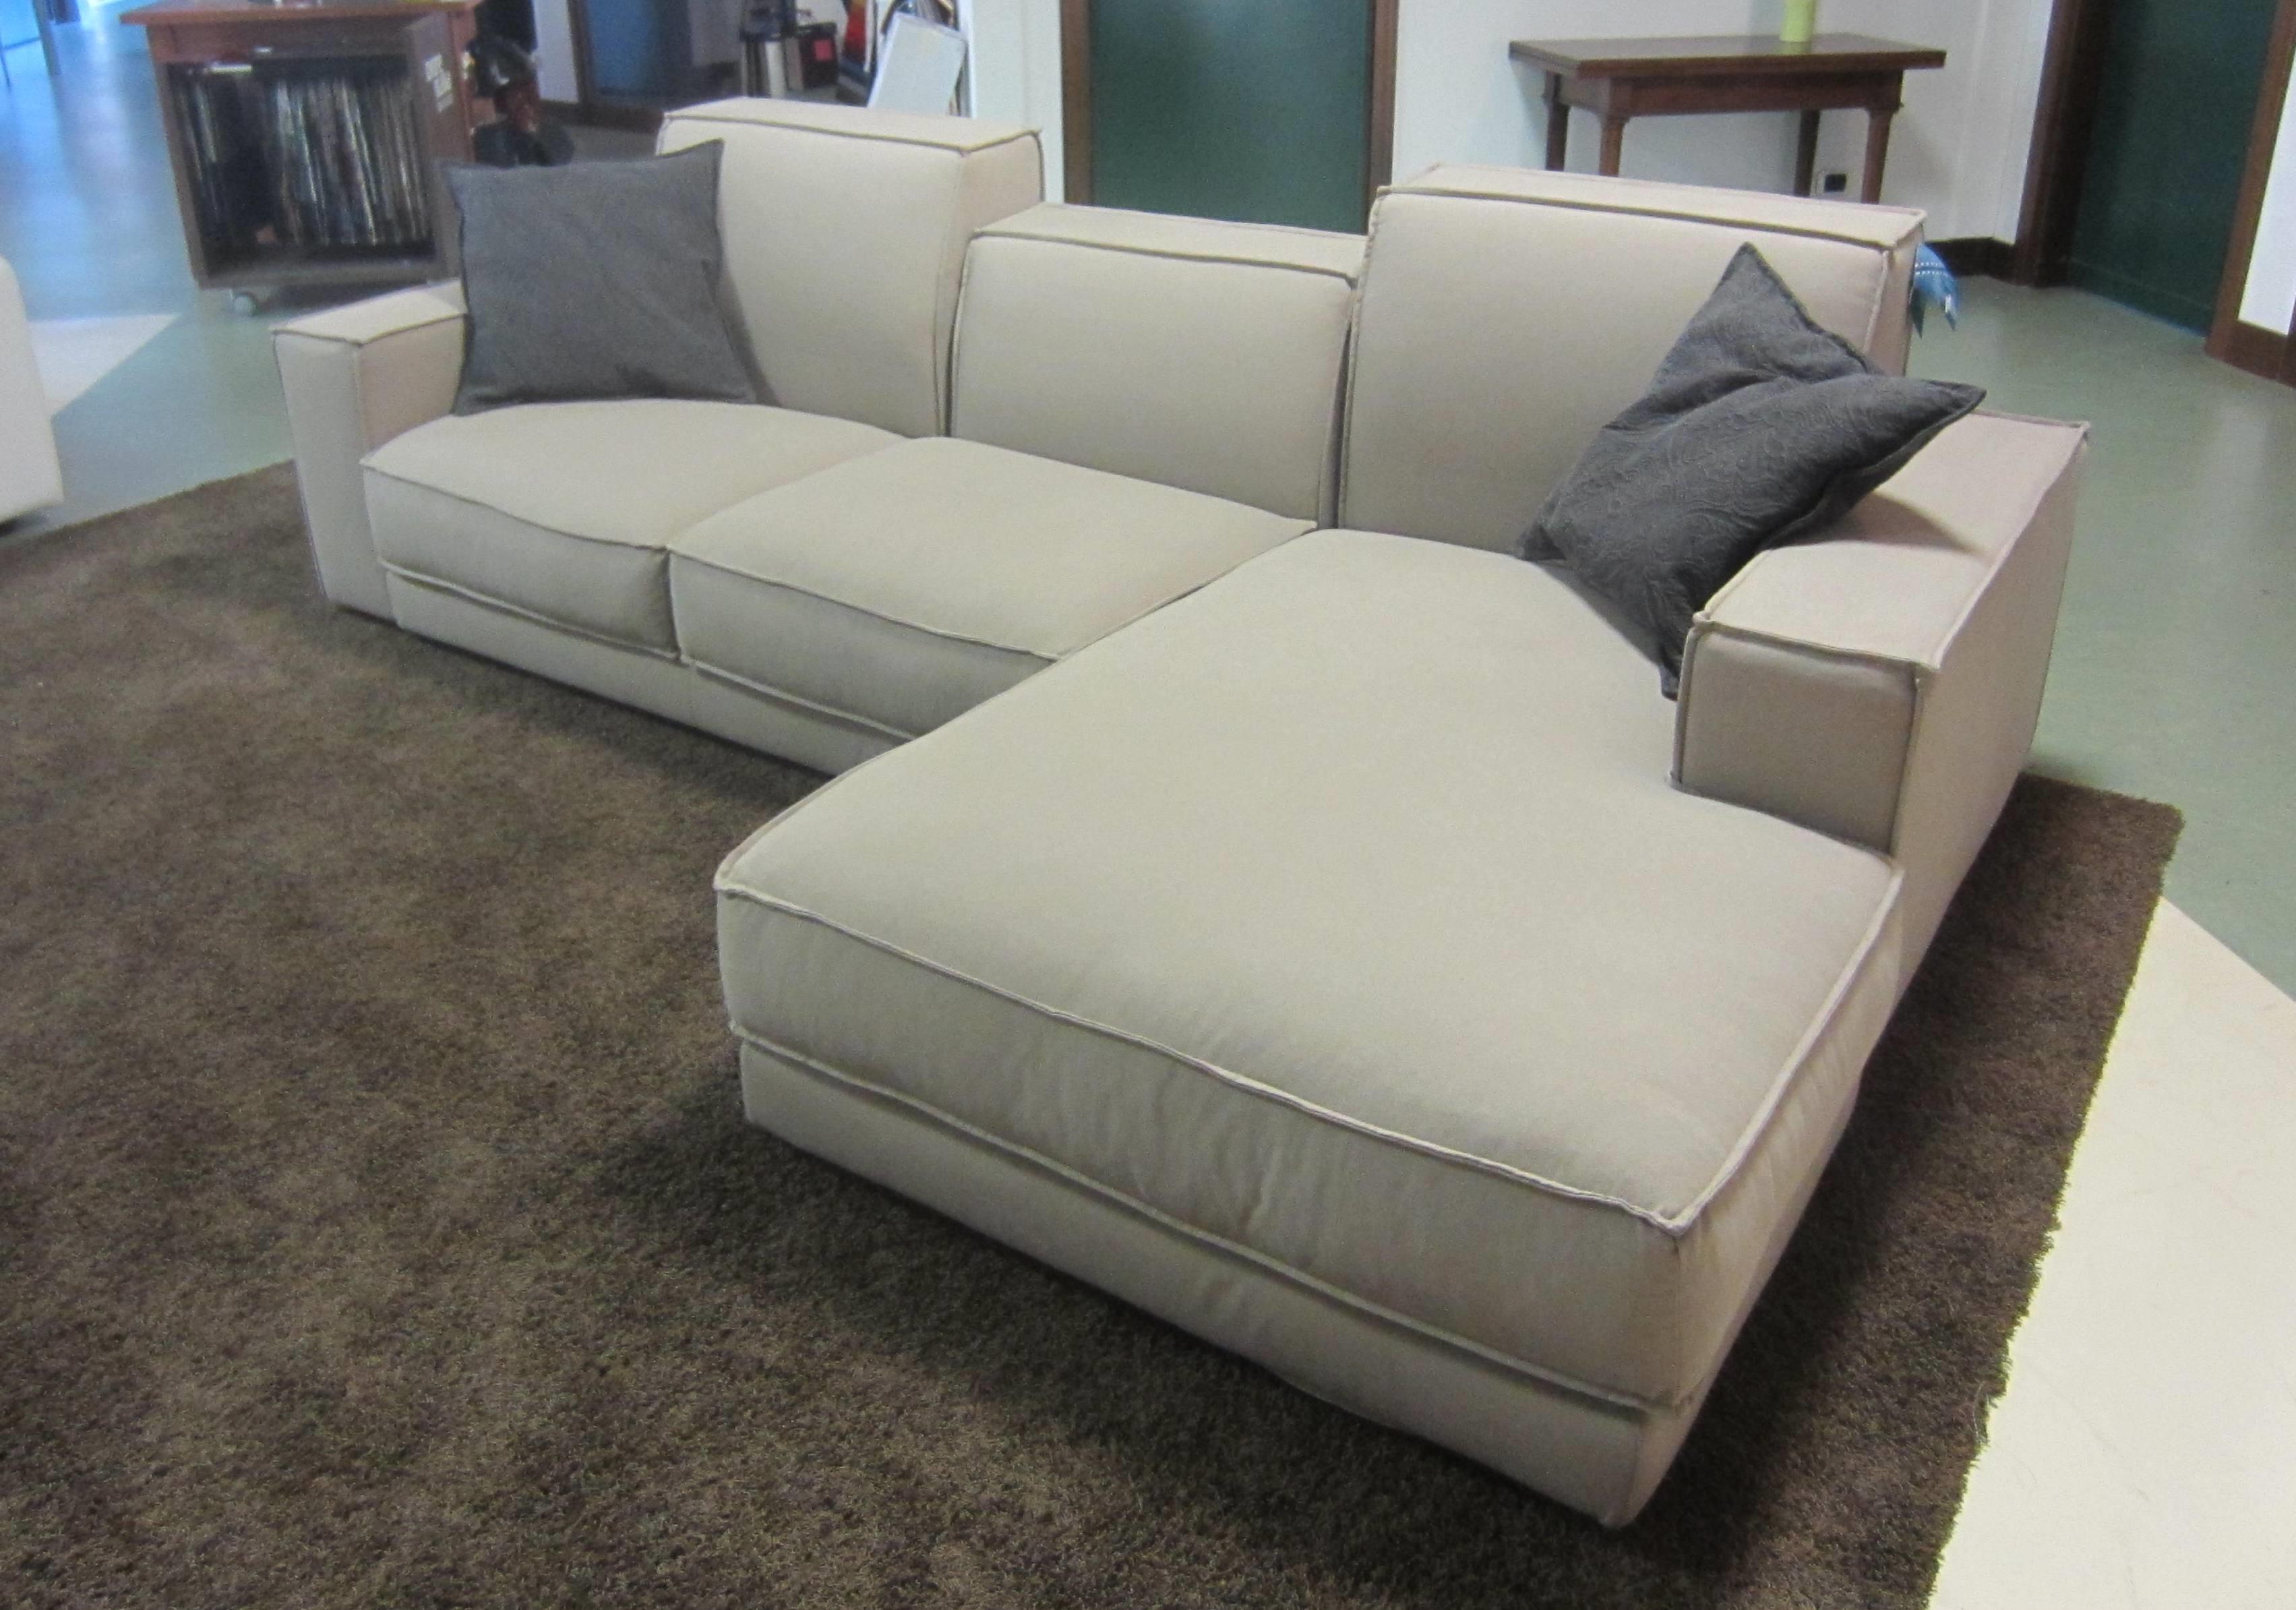 Divano ditre italia divano mod bubbl scontato del 58 divani a prezzi scontati - Divano 4 posti con chaise longue ...